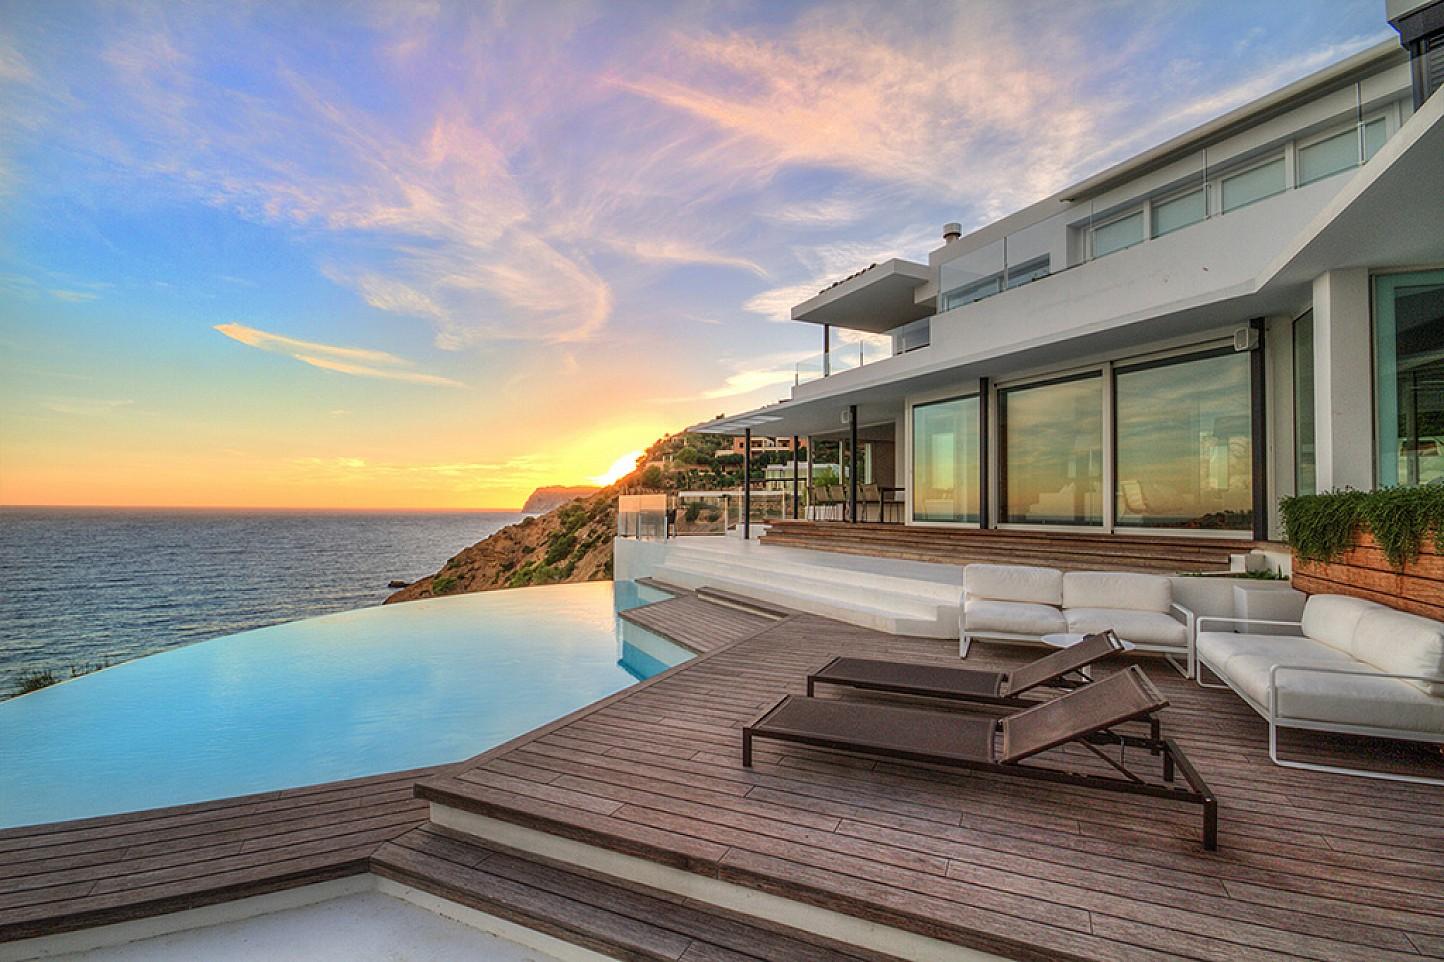 Vistes exteriors de la casa amb la gran piscina i les vistes al mar